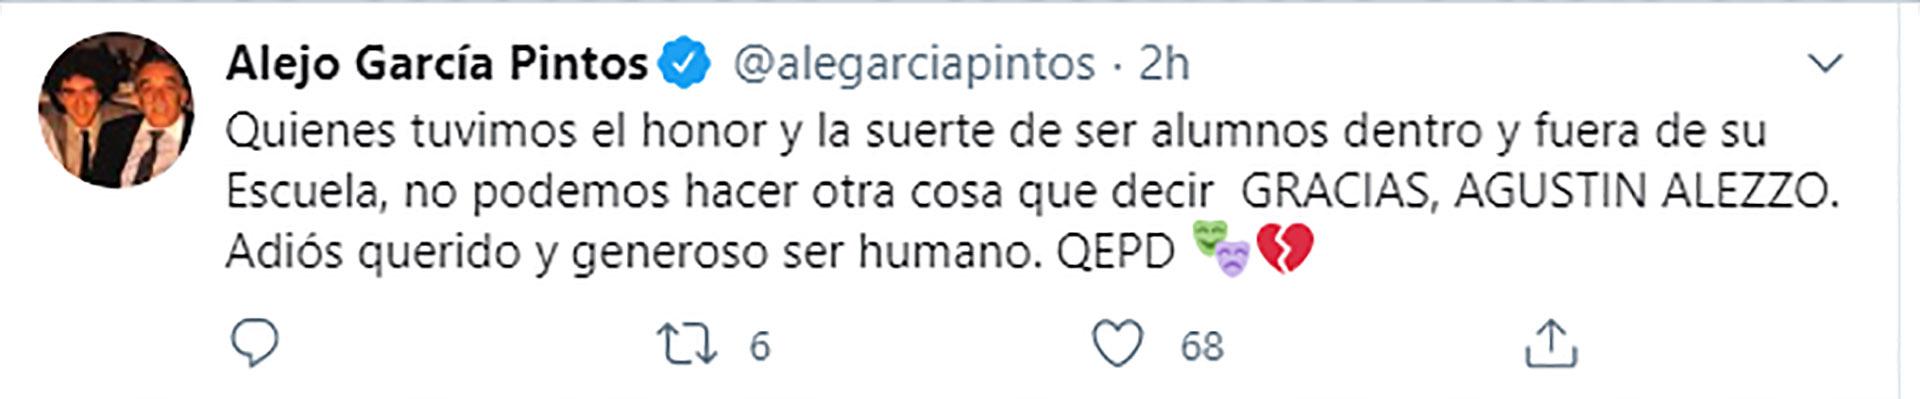 El tuit de Alejo García Pintos